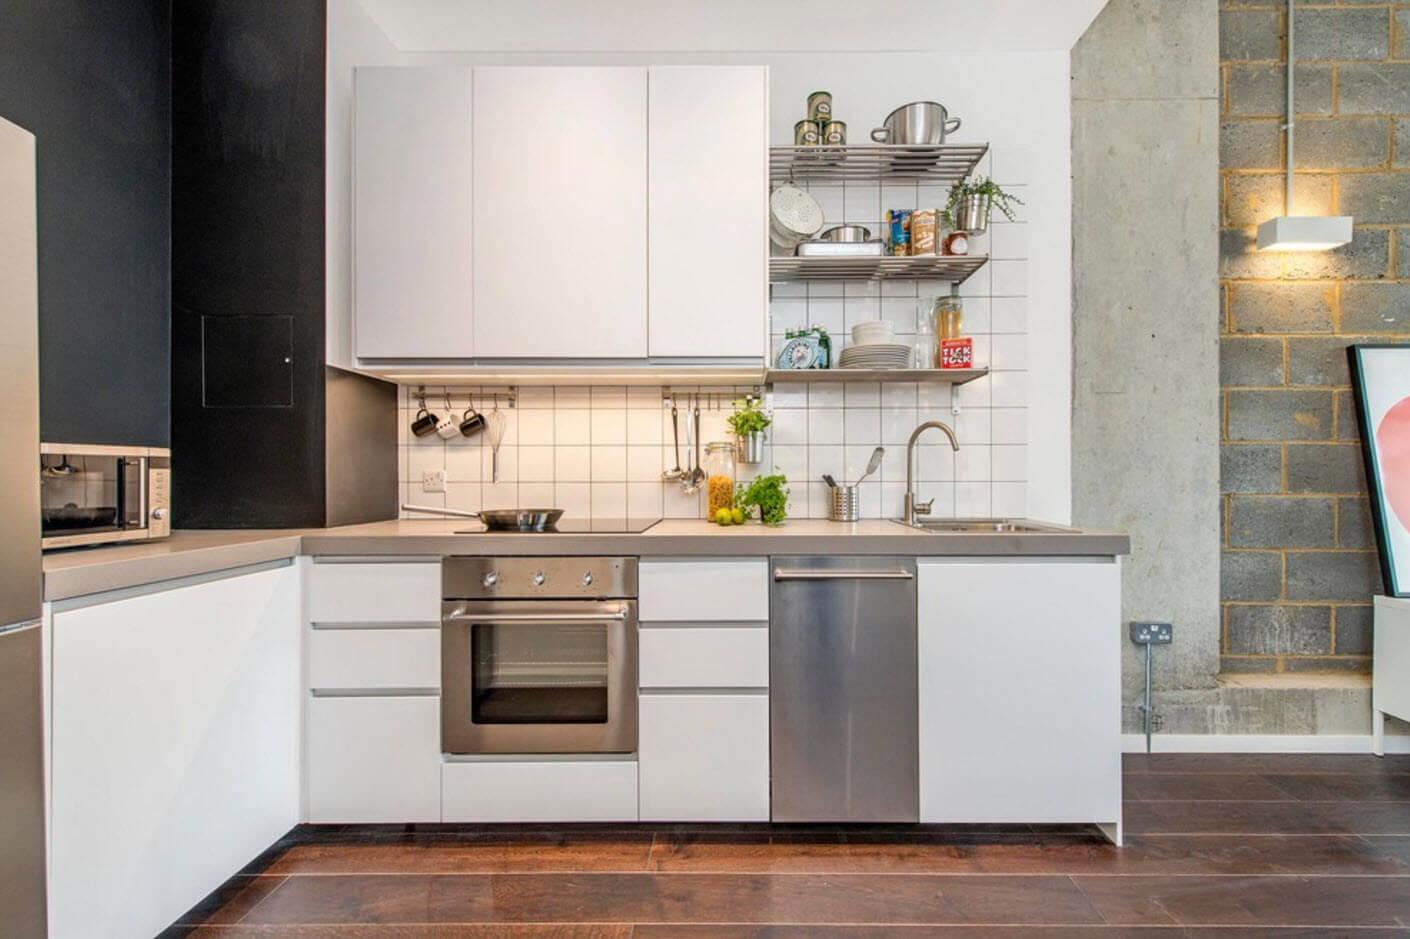 необычный дизайн кухни 9 кв м